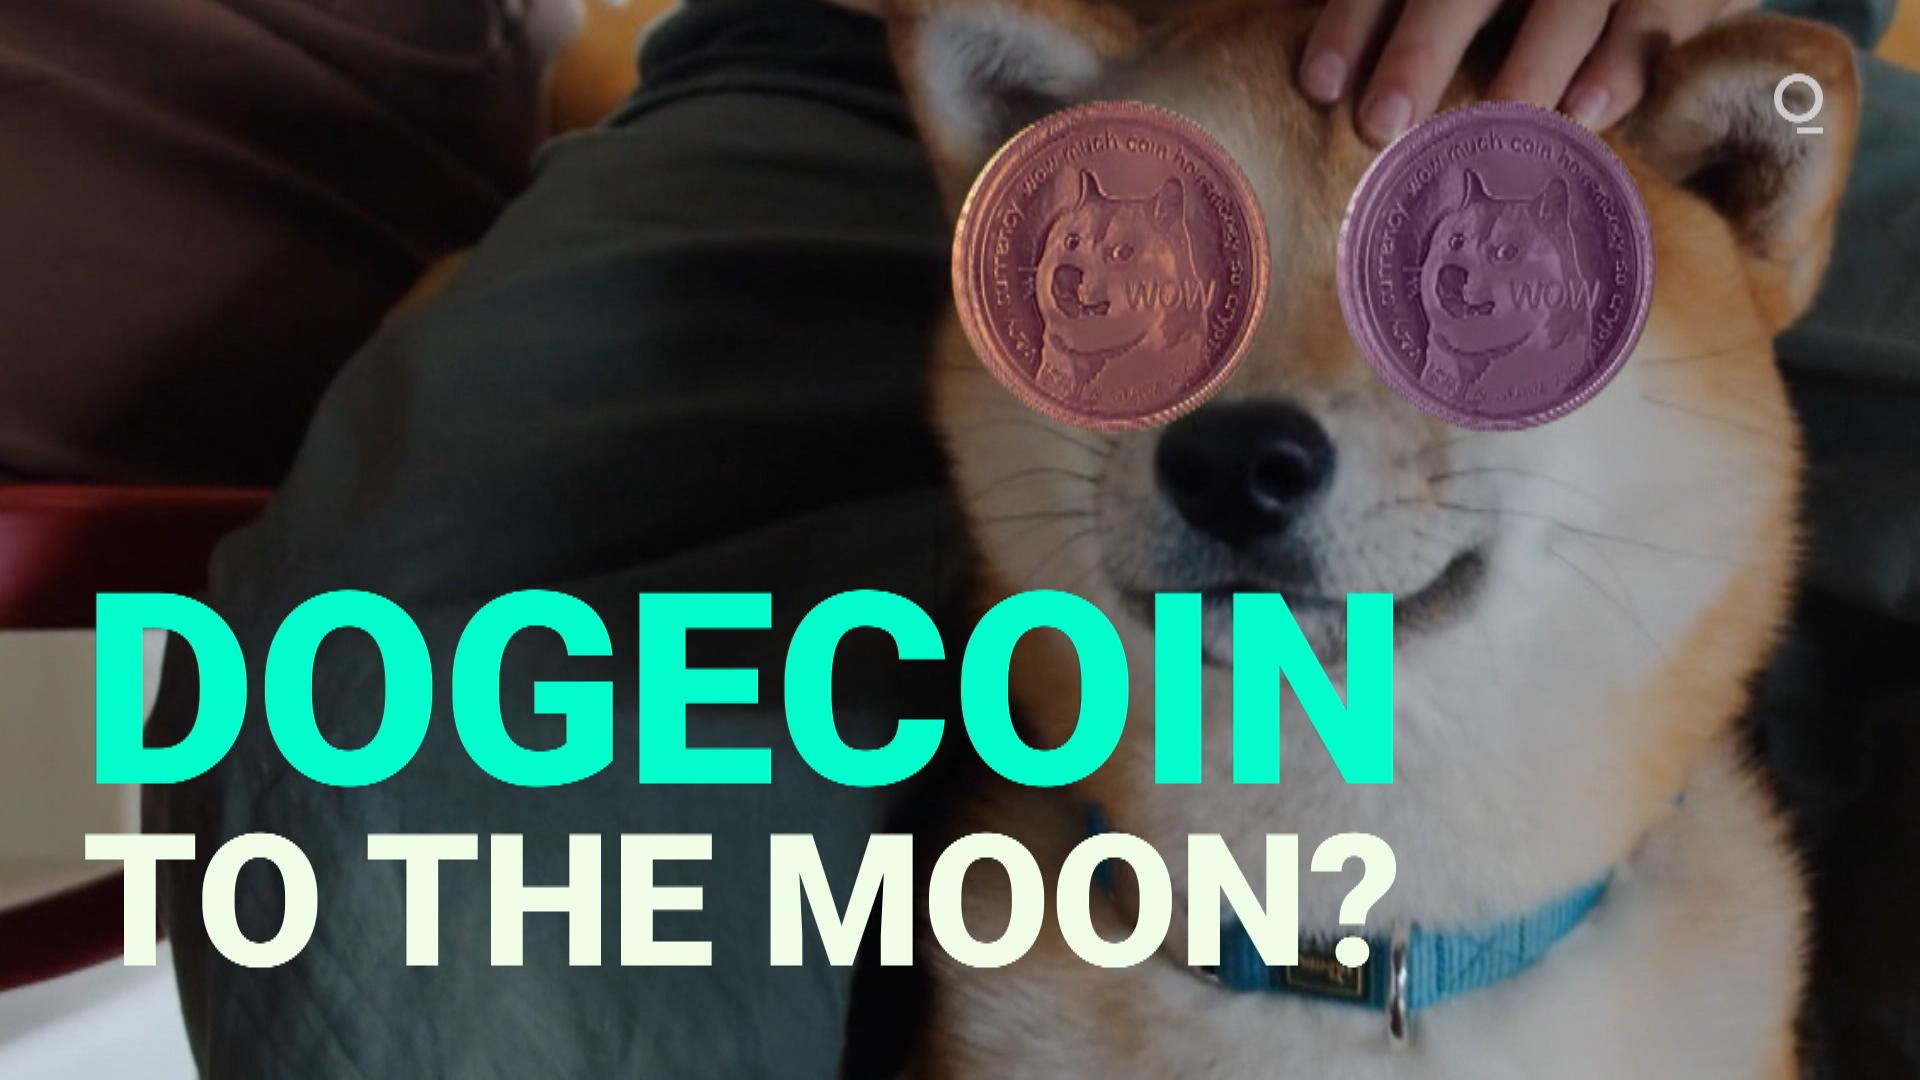 Convertito Bitcoin (BTC) e DogeCoin (XDG): Calcolatore Di Conversione Di Tasso Di Cambio Di Valuta